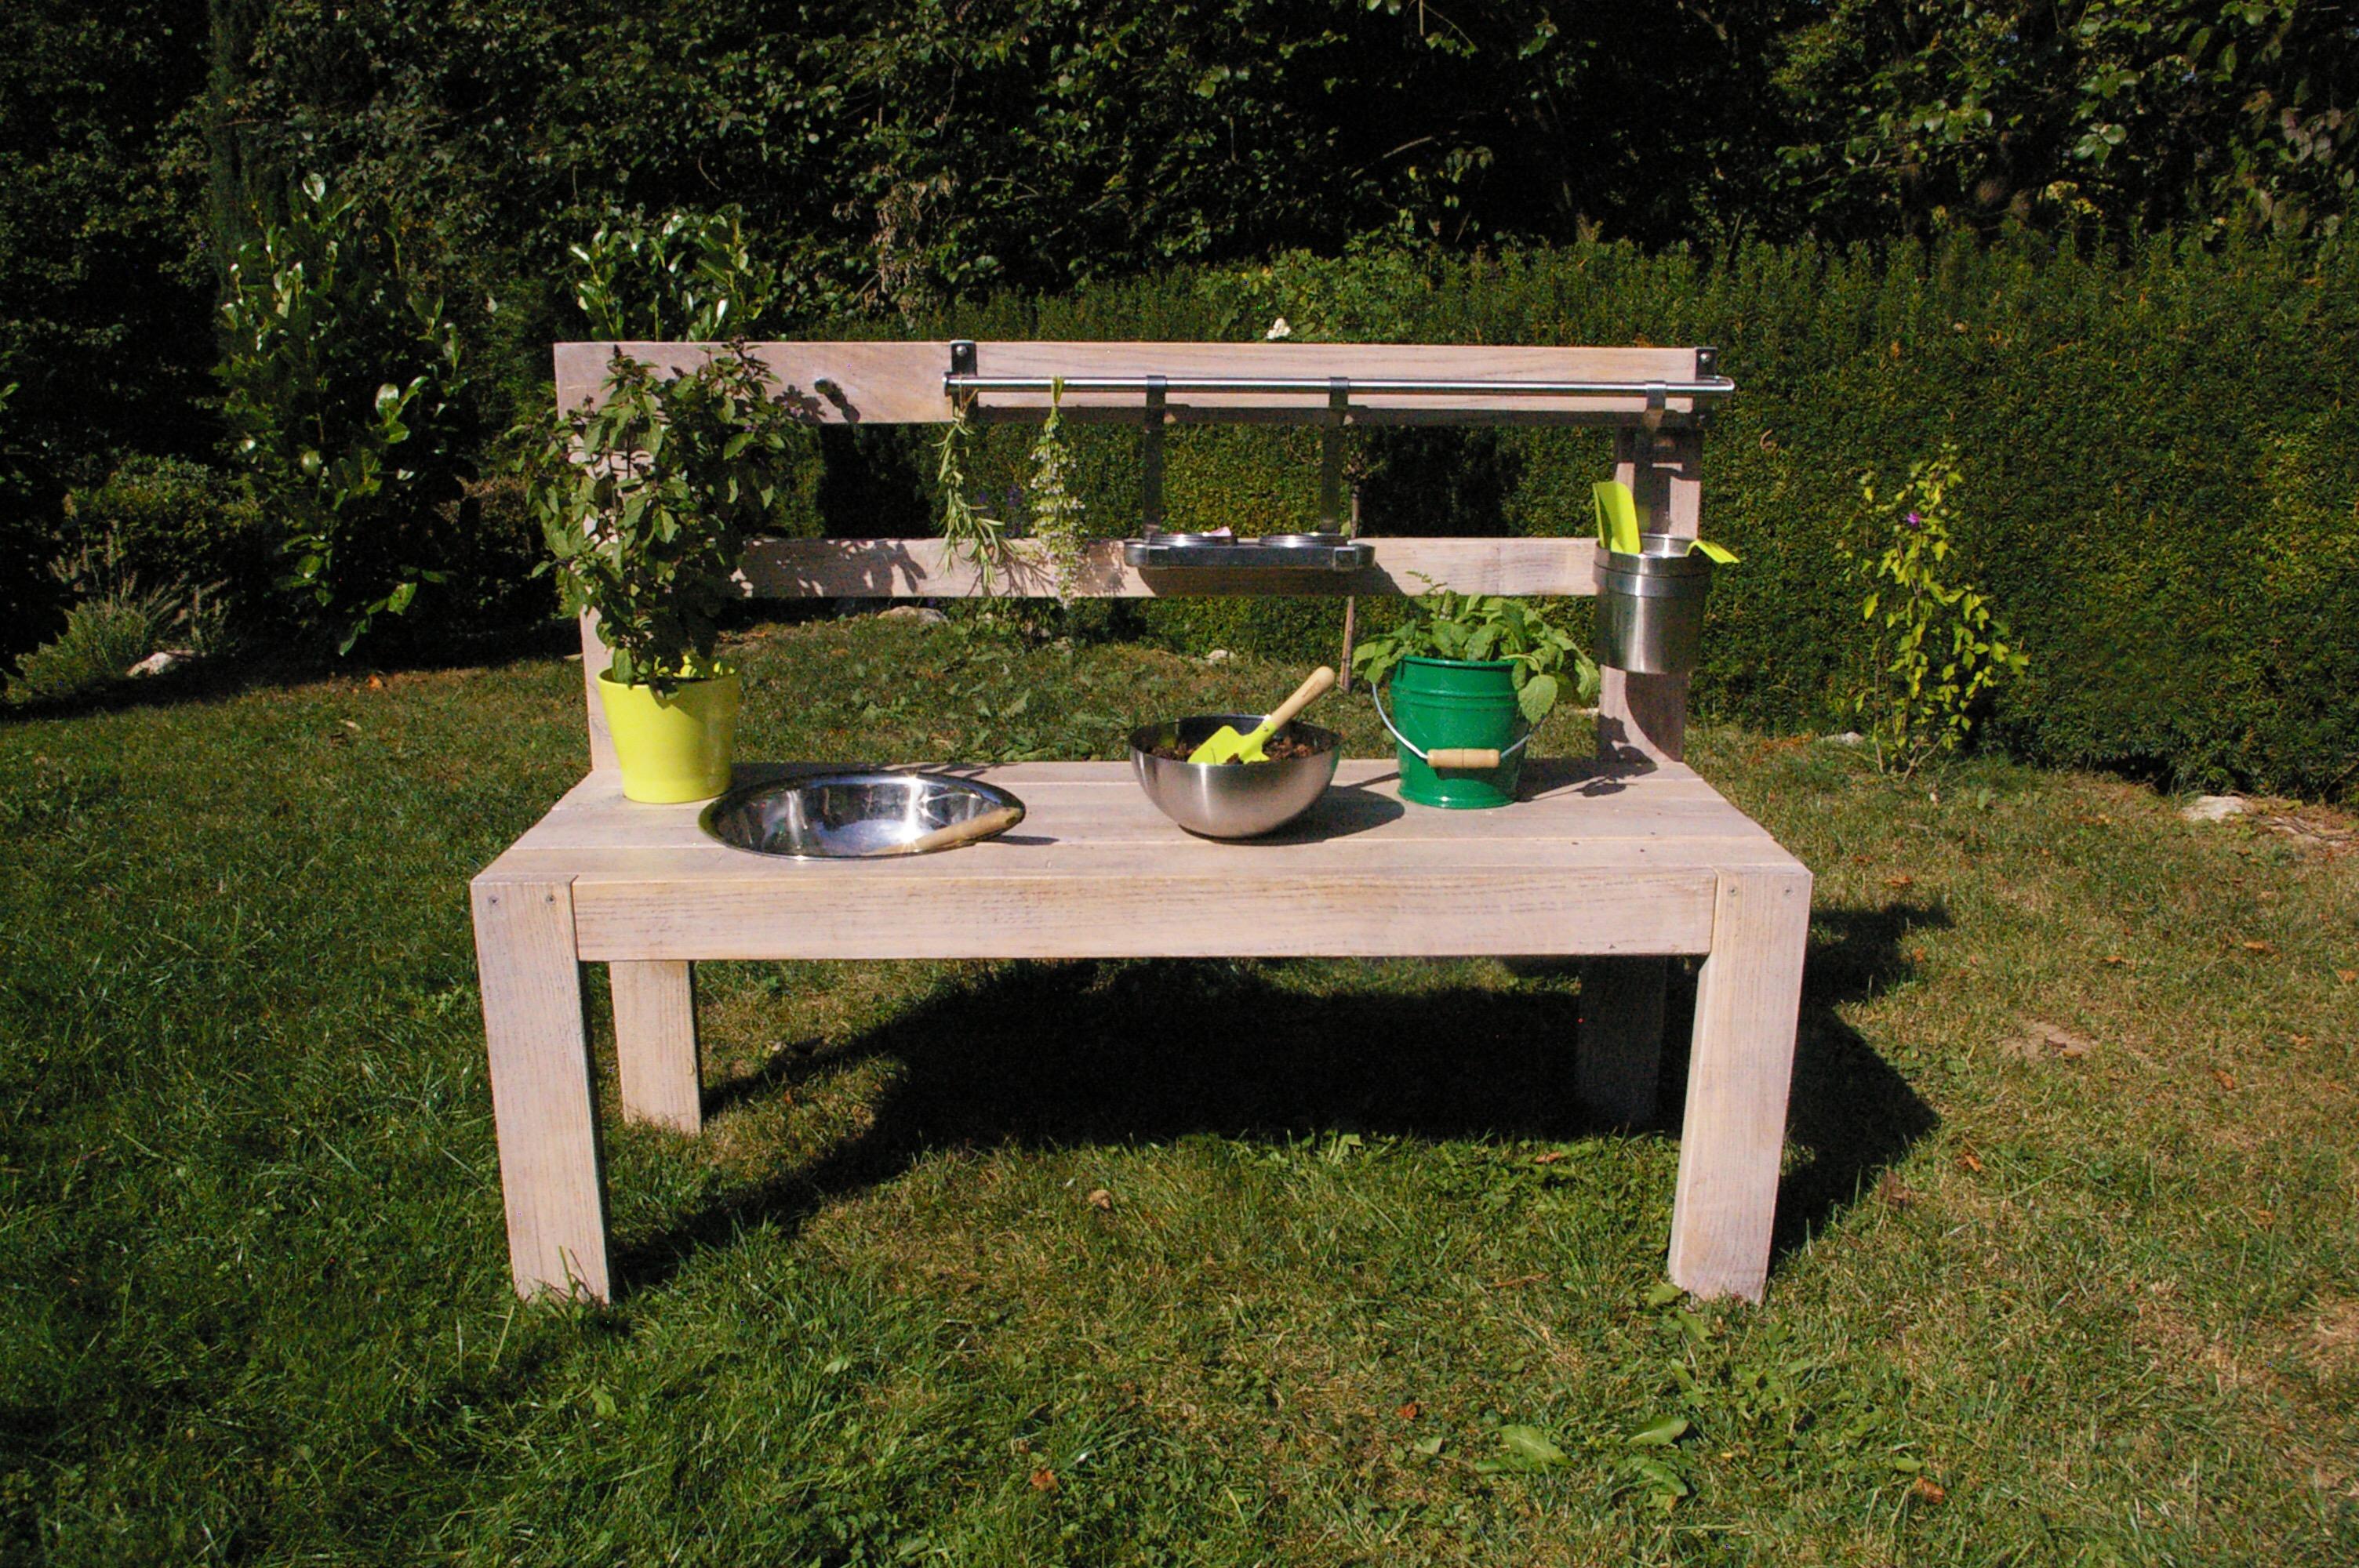 Outdoor Küche Für Kinder : Gartenküche selber bauen anleitung und tipps